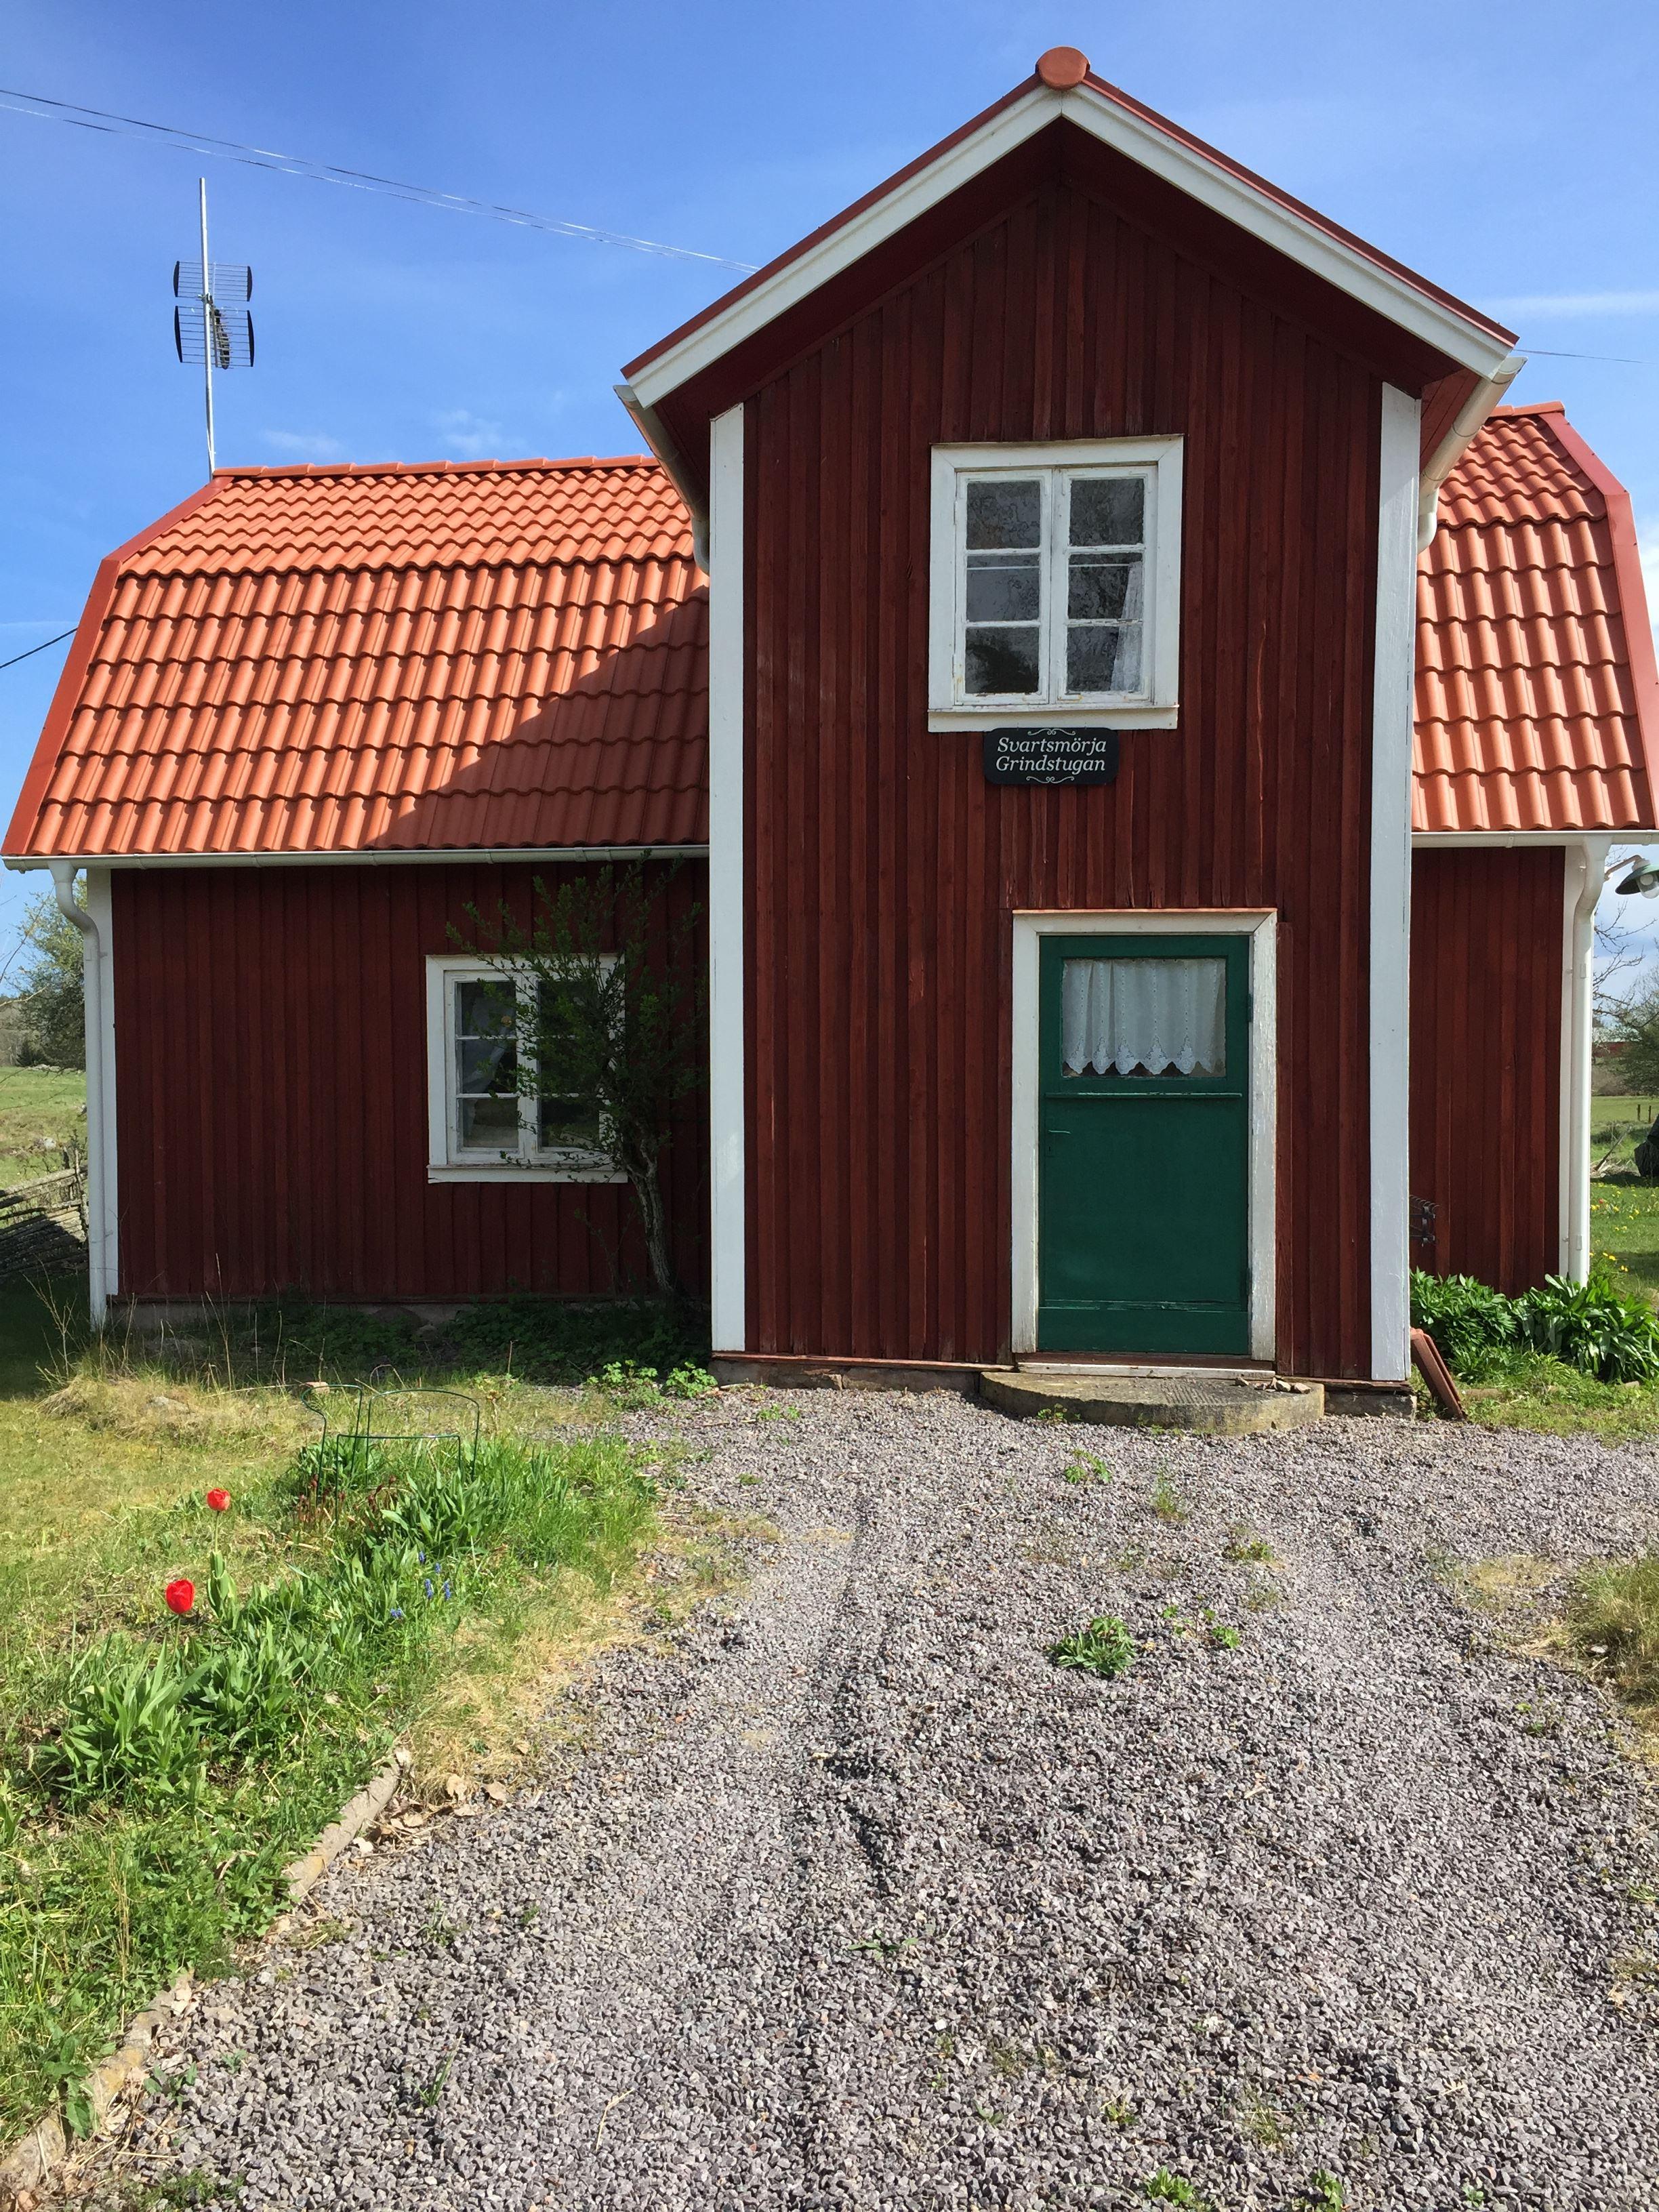 Privat boende Västervik, Svartsmörja Grindstuga